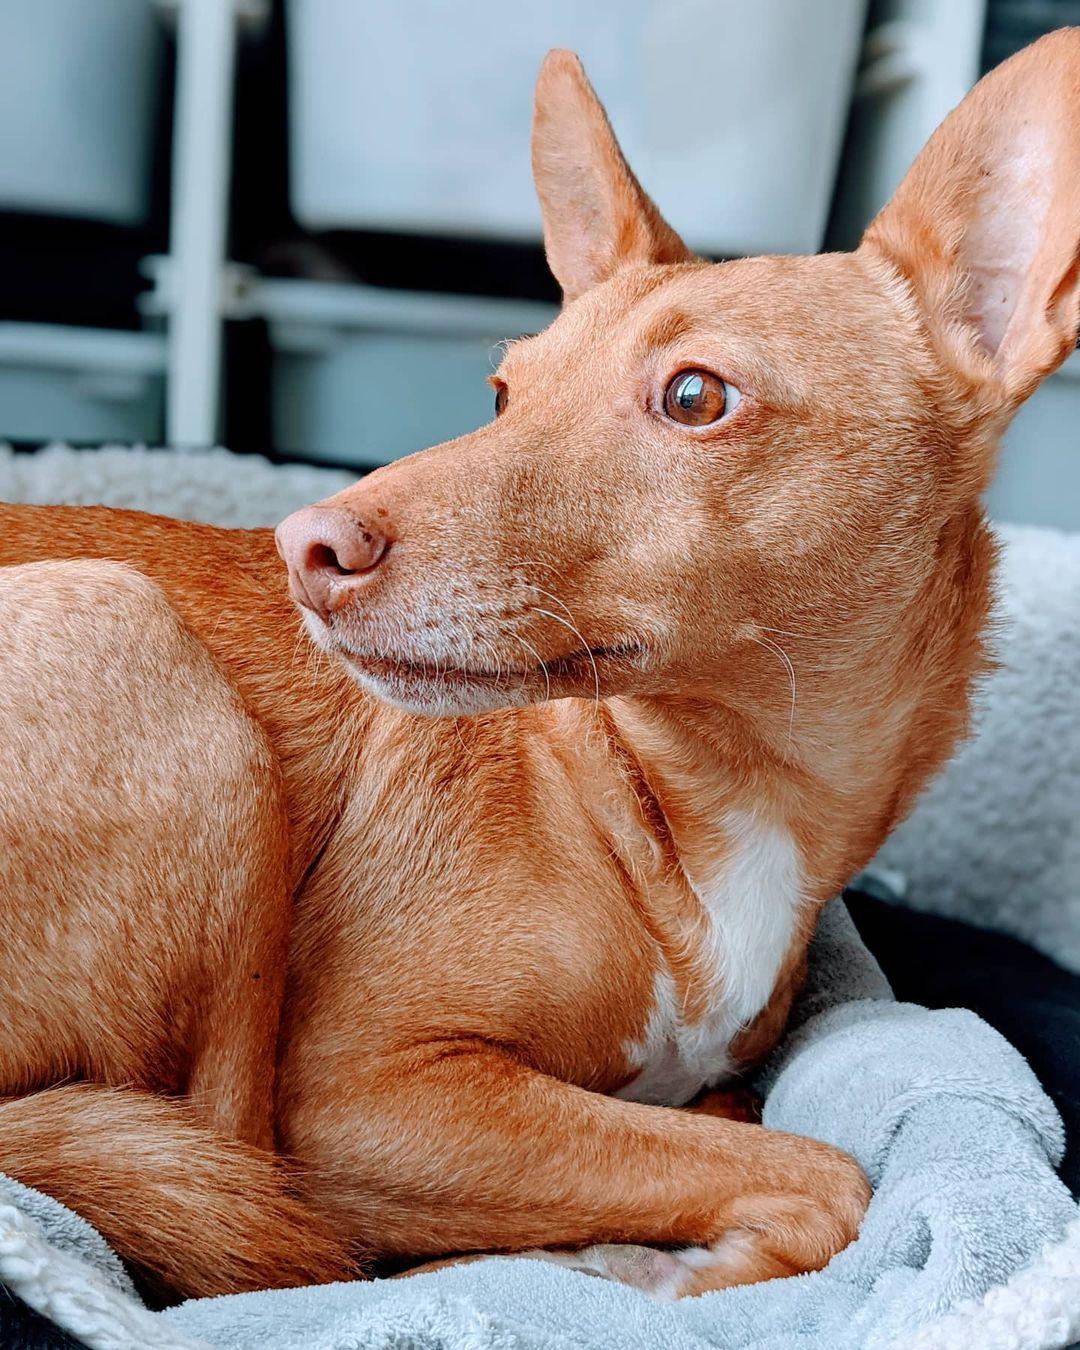 Báo Giá chó Ai Cập tại thị trường Việt Nam